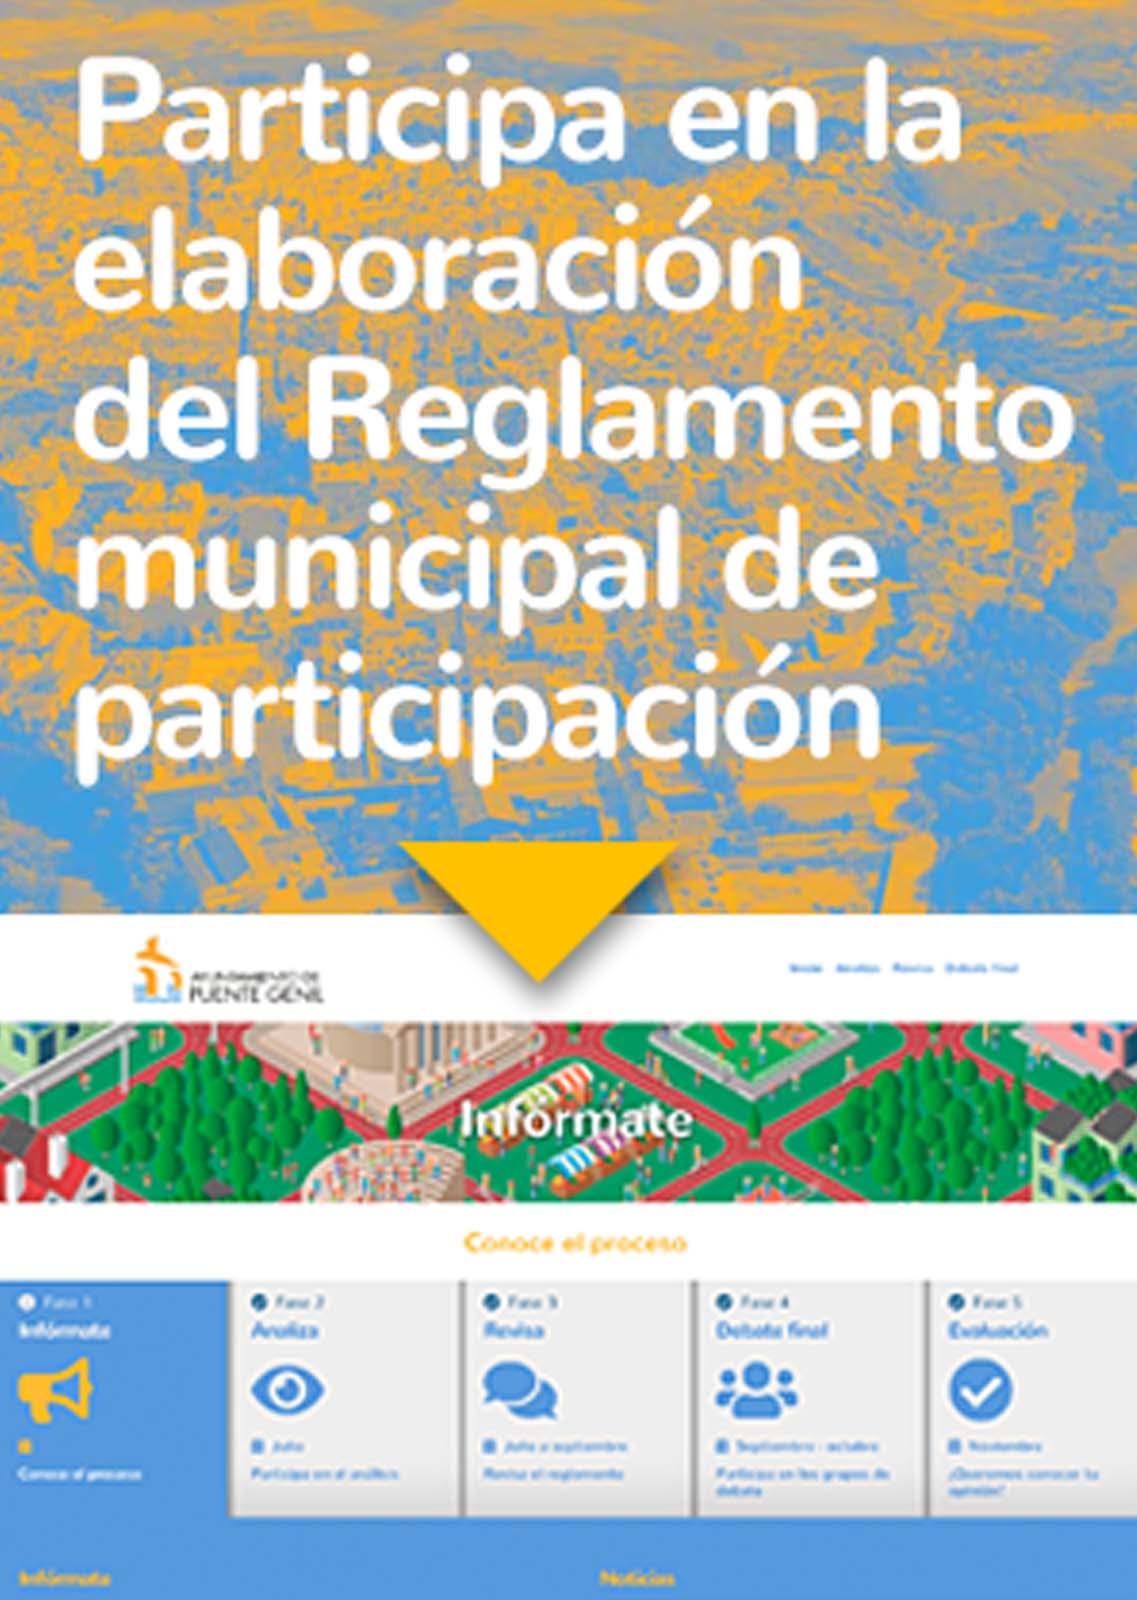 Banner reglamento participación ciudadana